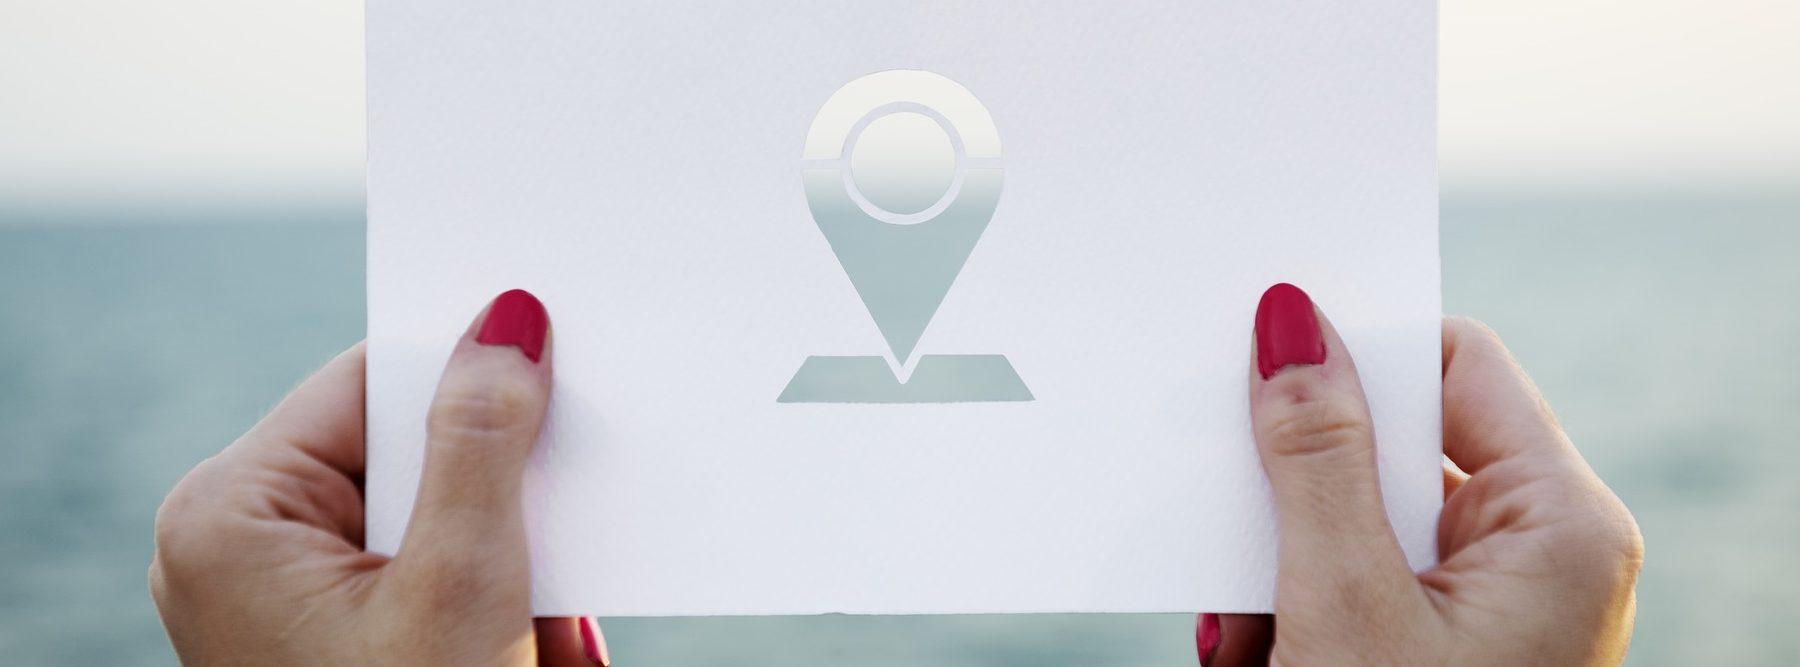 Un sistema de GPS para el cuerpo humano